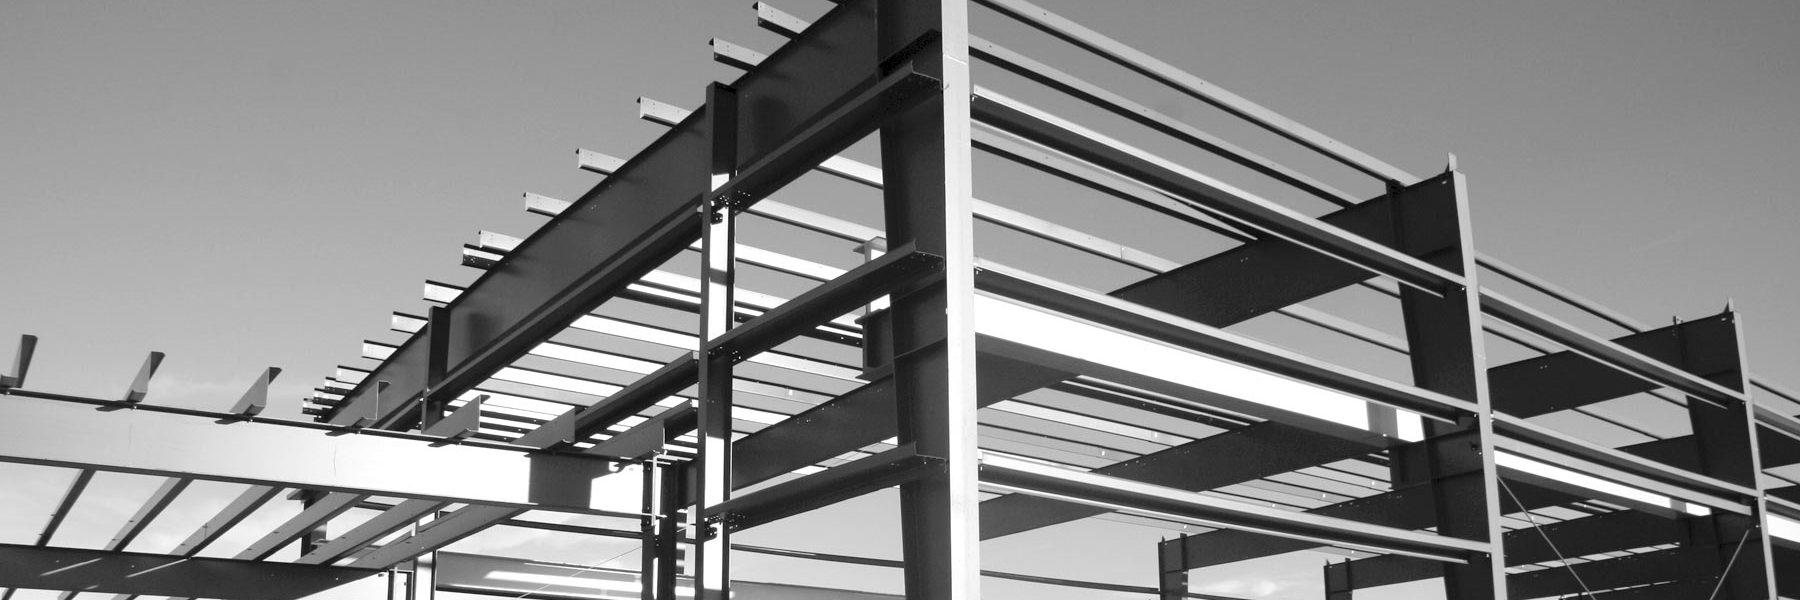 سقف های سازه ای